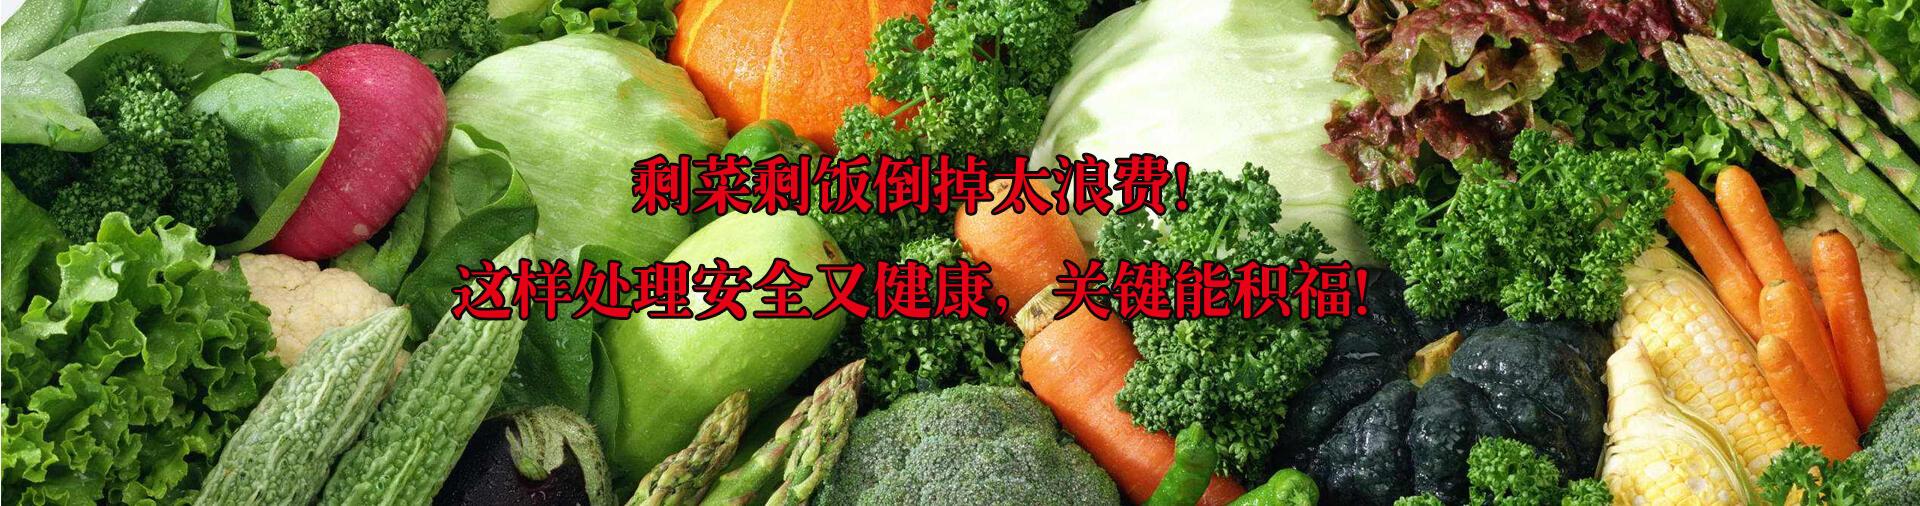 剩菜剩饭倒掉太浪费!这样处理安全又健康,关键能积福!